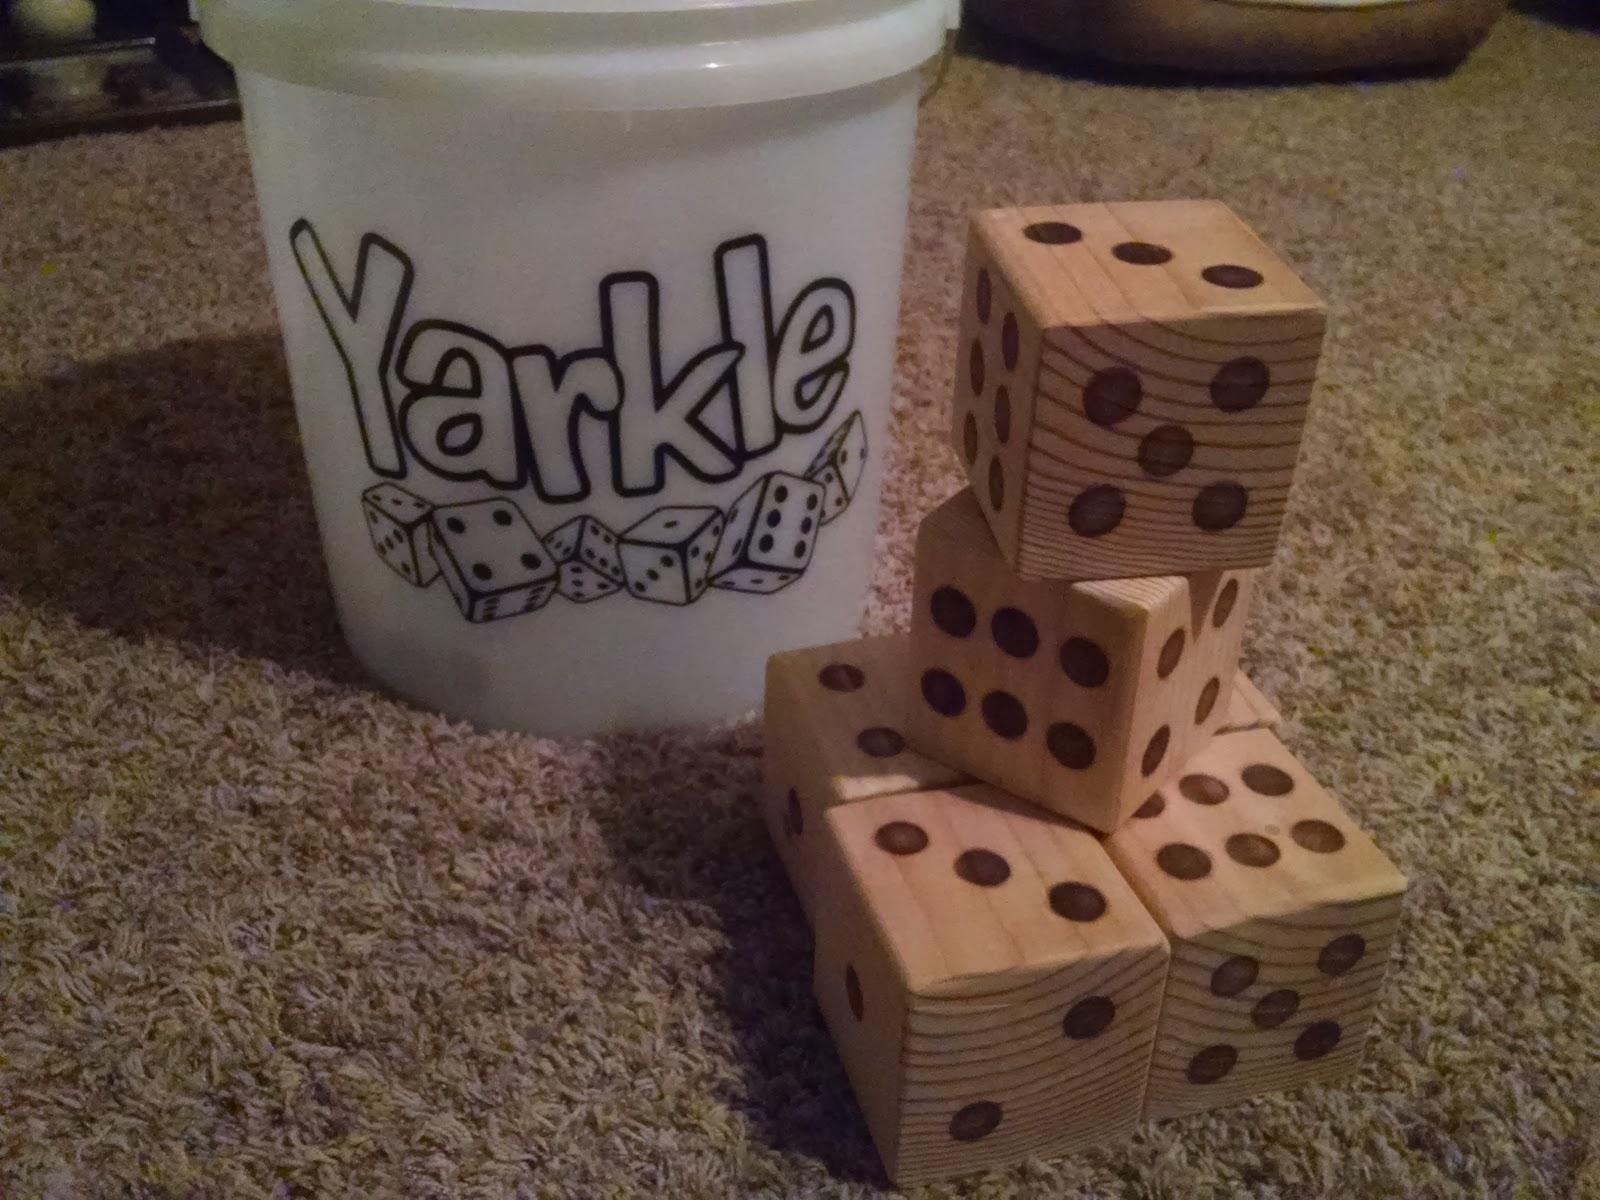 Must Run in the Family: Yardzee & Yarkle